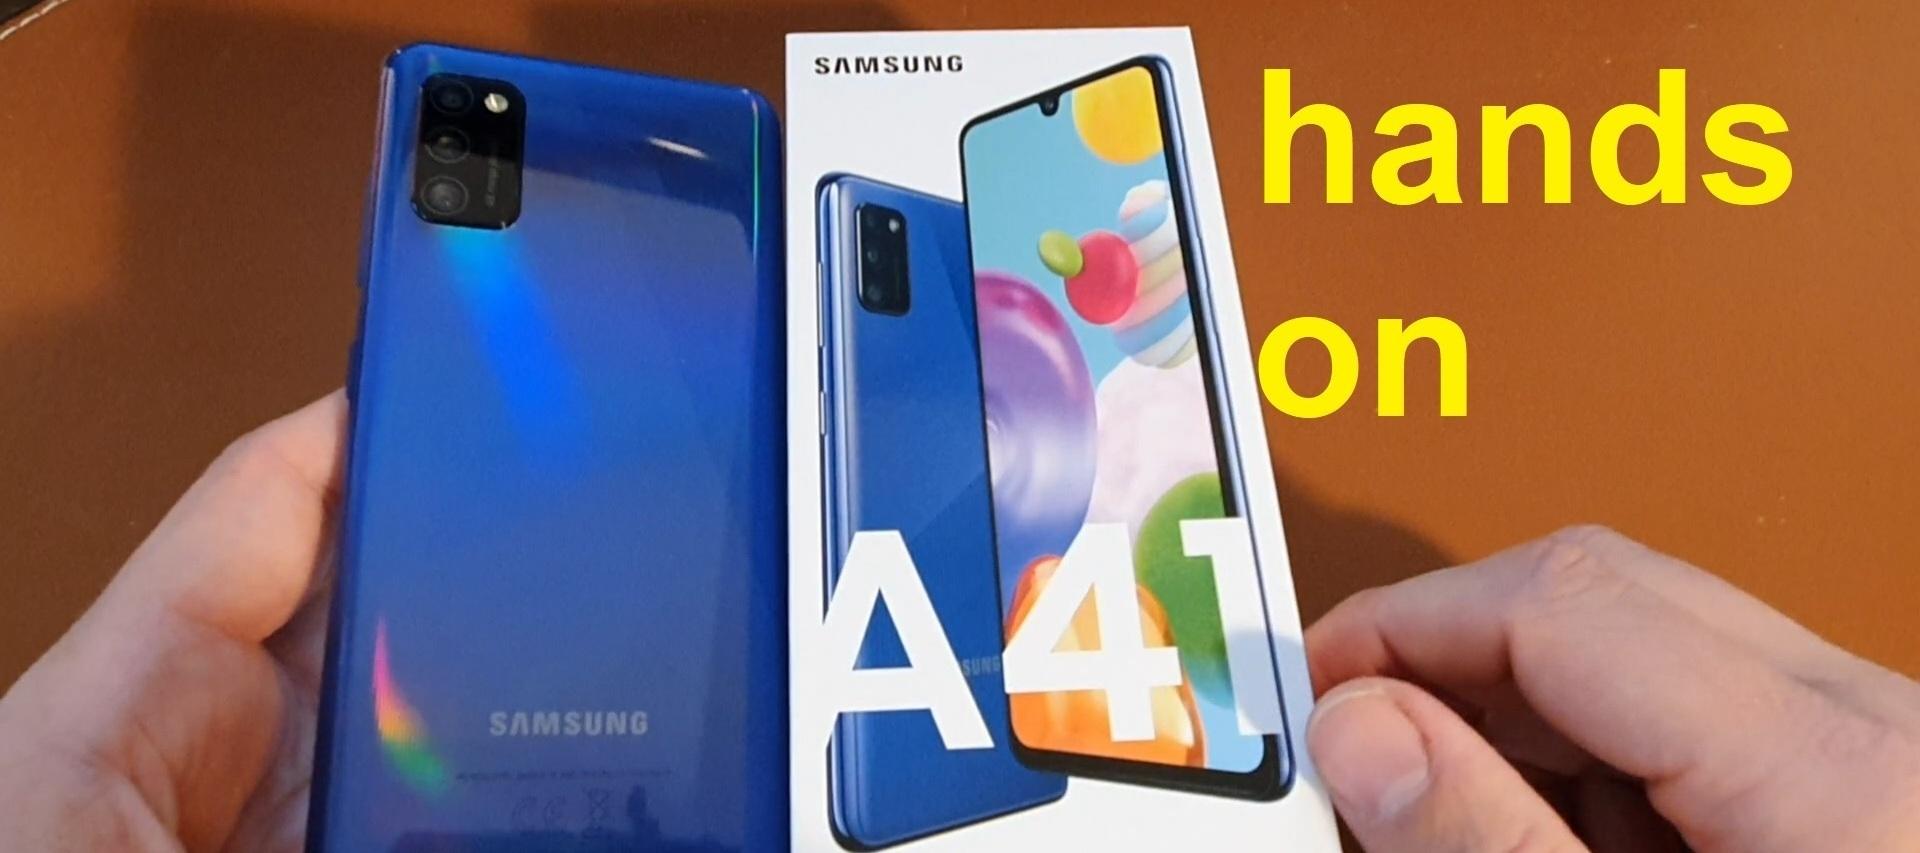 Hands-ON Samsung Galaxy A41 | SeppelPower